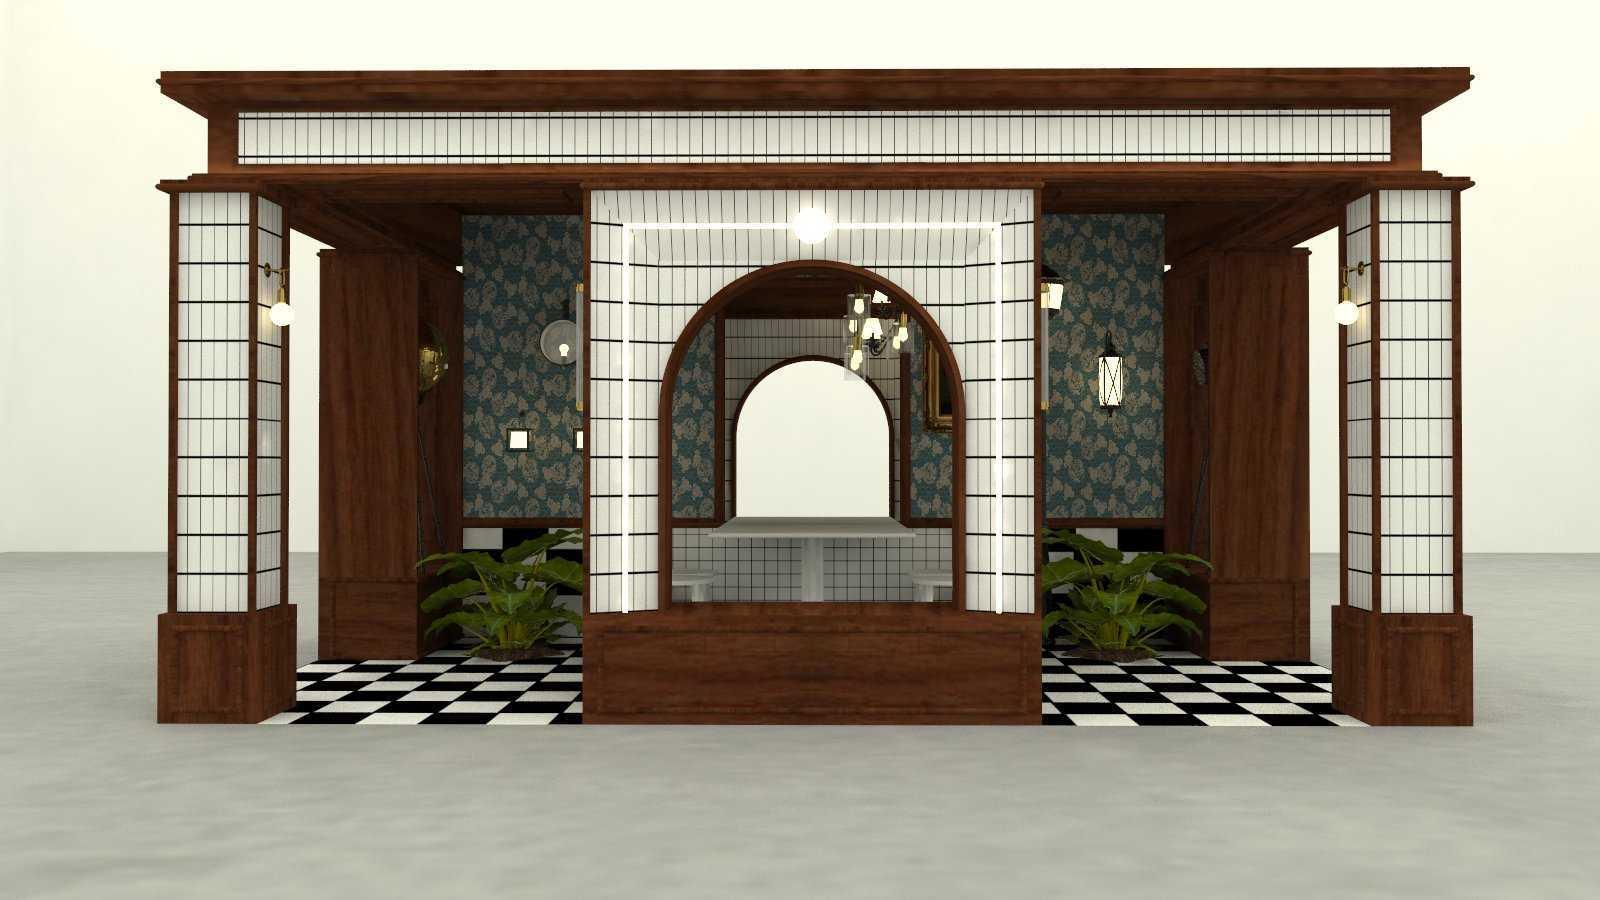 Design Donk Aurora Lights - Booth Jl. Bsd Grand Boulevard Maxwell Raya No.1, Pagedangan, Kec. Pagedangan, Tangerang, Banten 15339, Indonesia Jl. Bsd Grand Boulevard Maxwell Raya No.1, Pagedangan, Kec. Pagedangan, Tangerang, Banten 15339, Indonesia Design-Donk-Aurora-Lights-Booth   99113